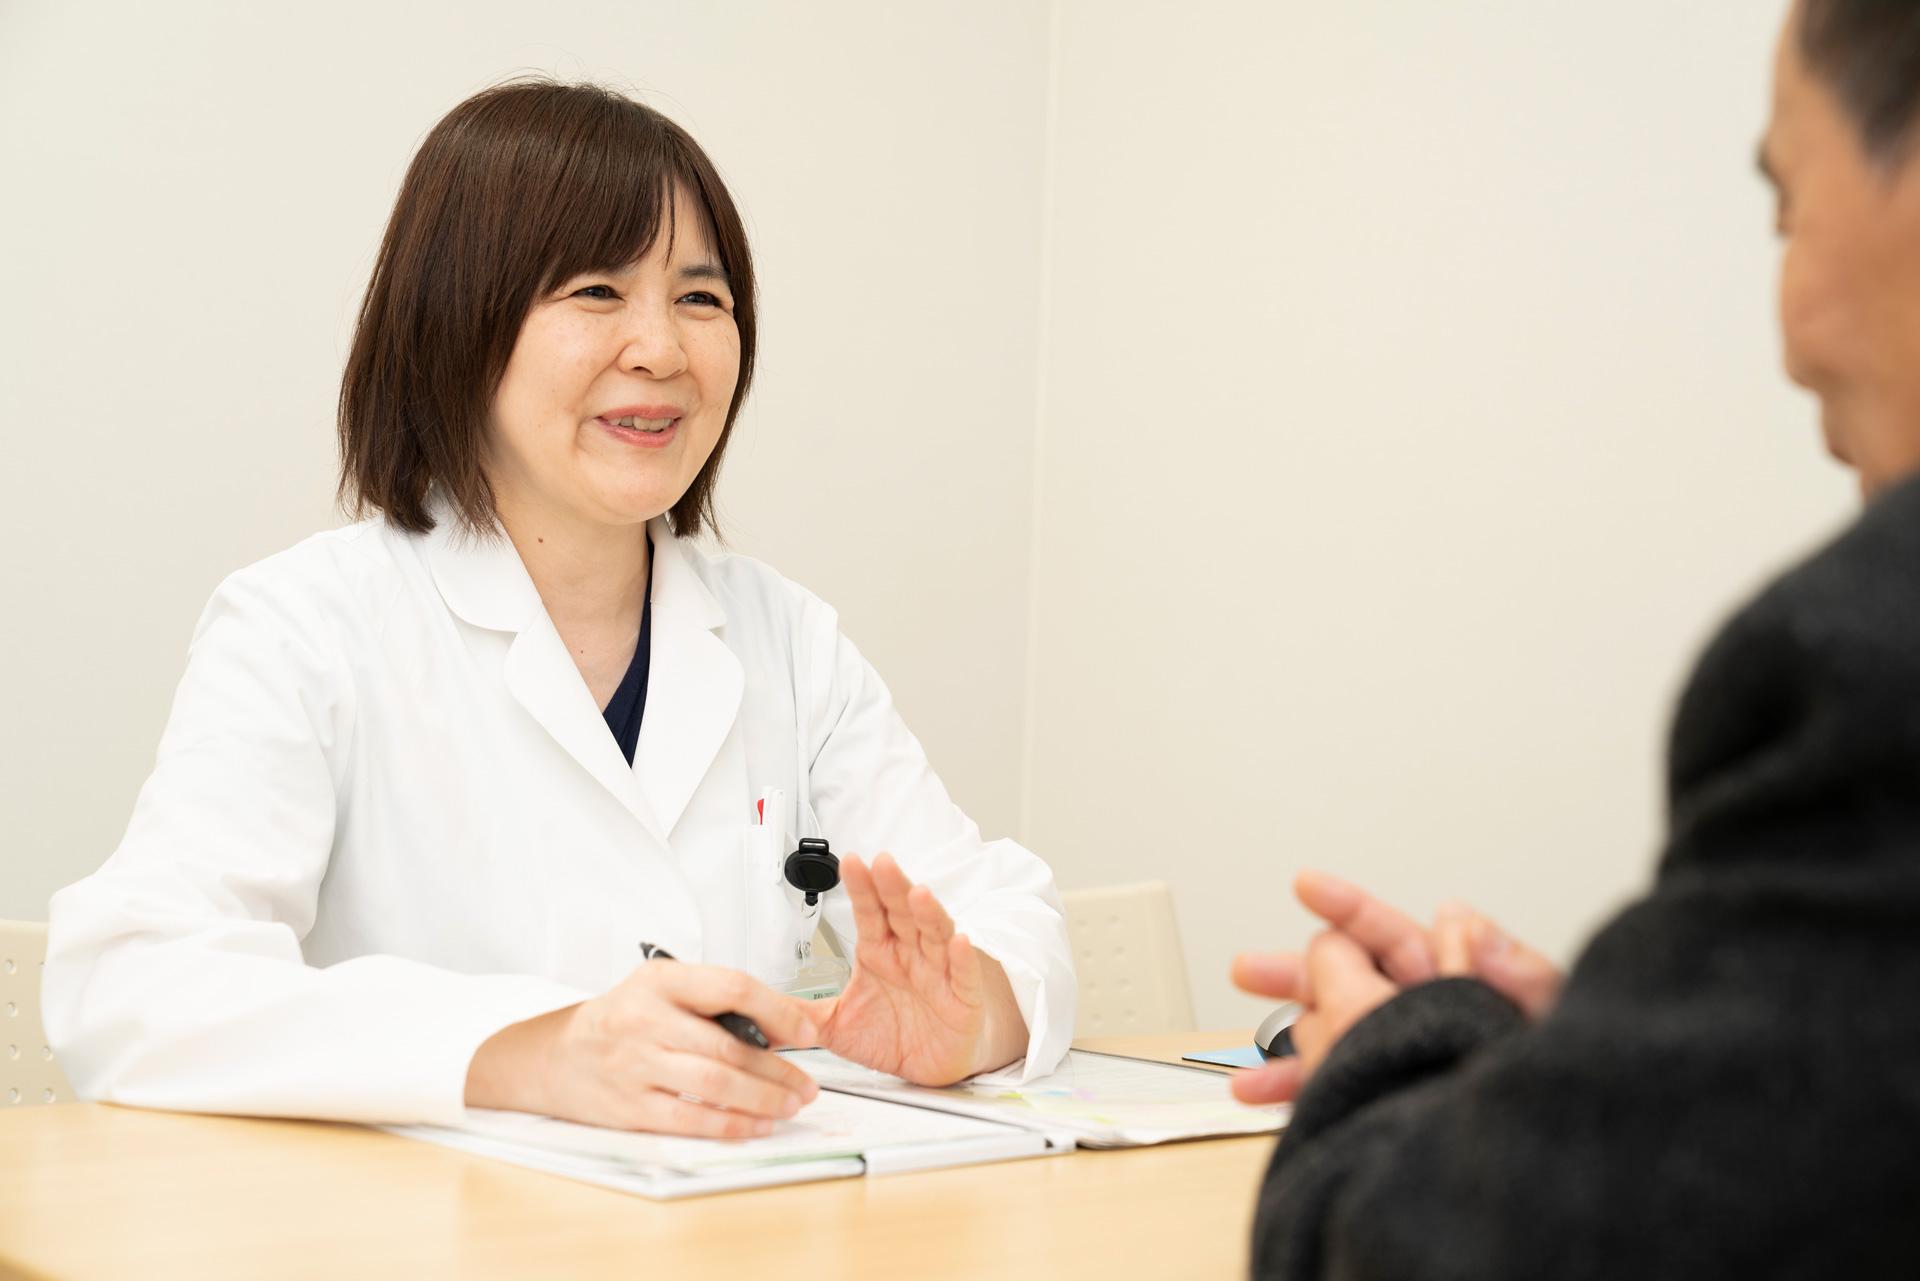 写真:医療相談員が患者と話している